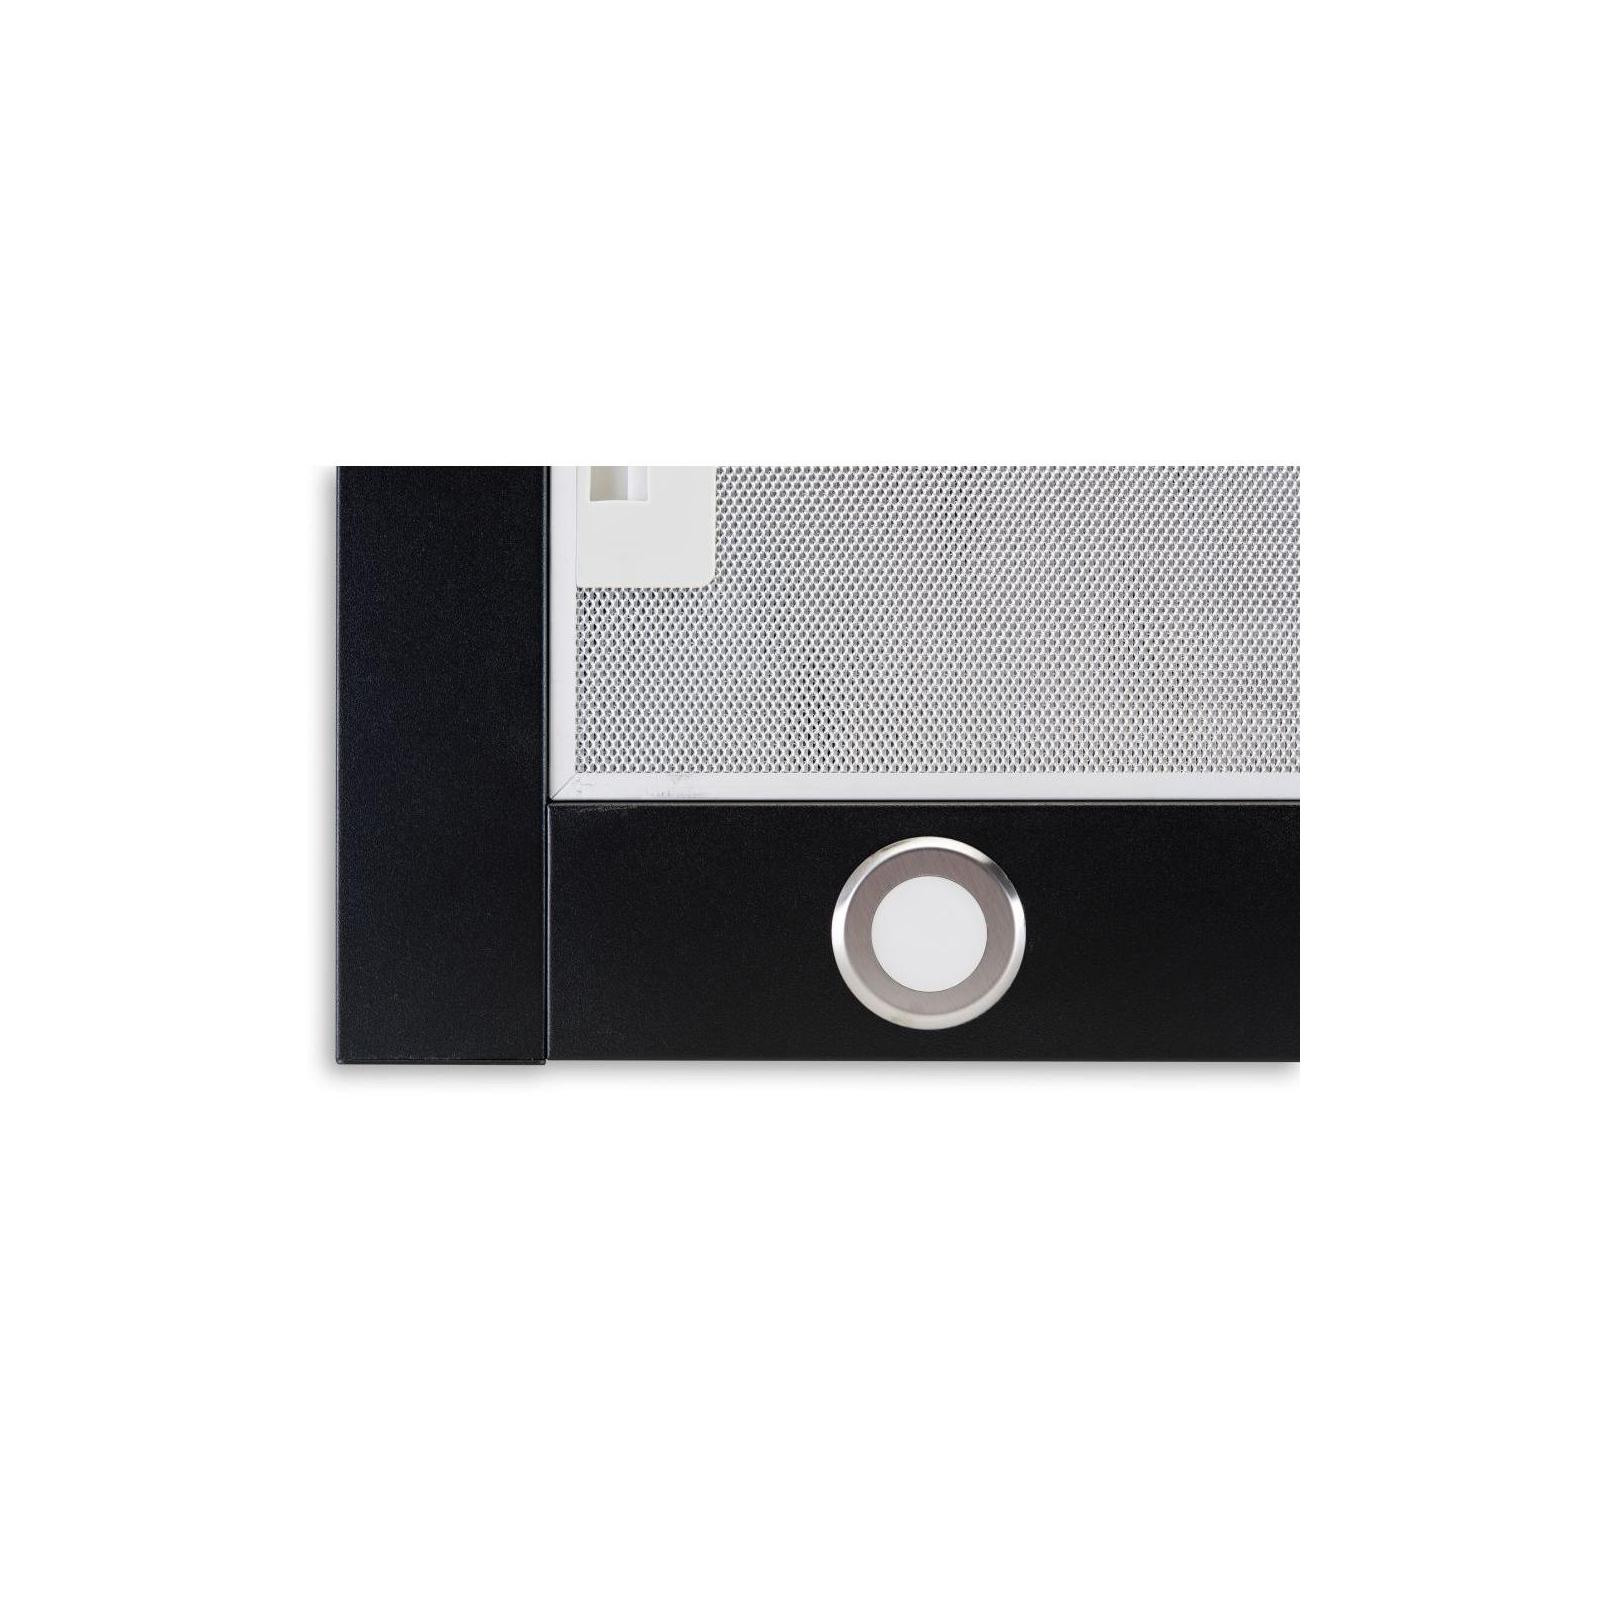 Вытяжка кухонная MINOLA HTL 6112 BL 650 LED изображение 7